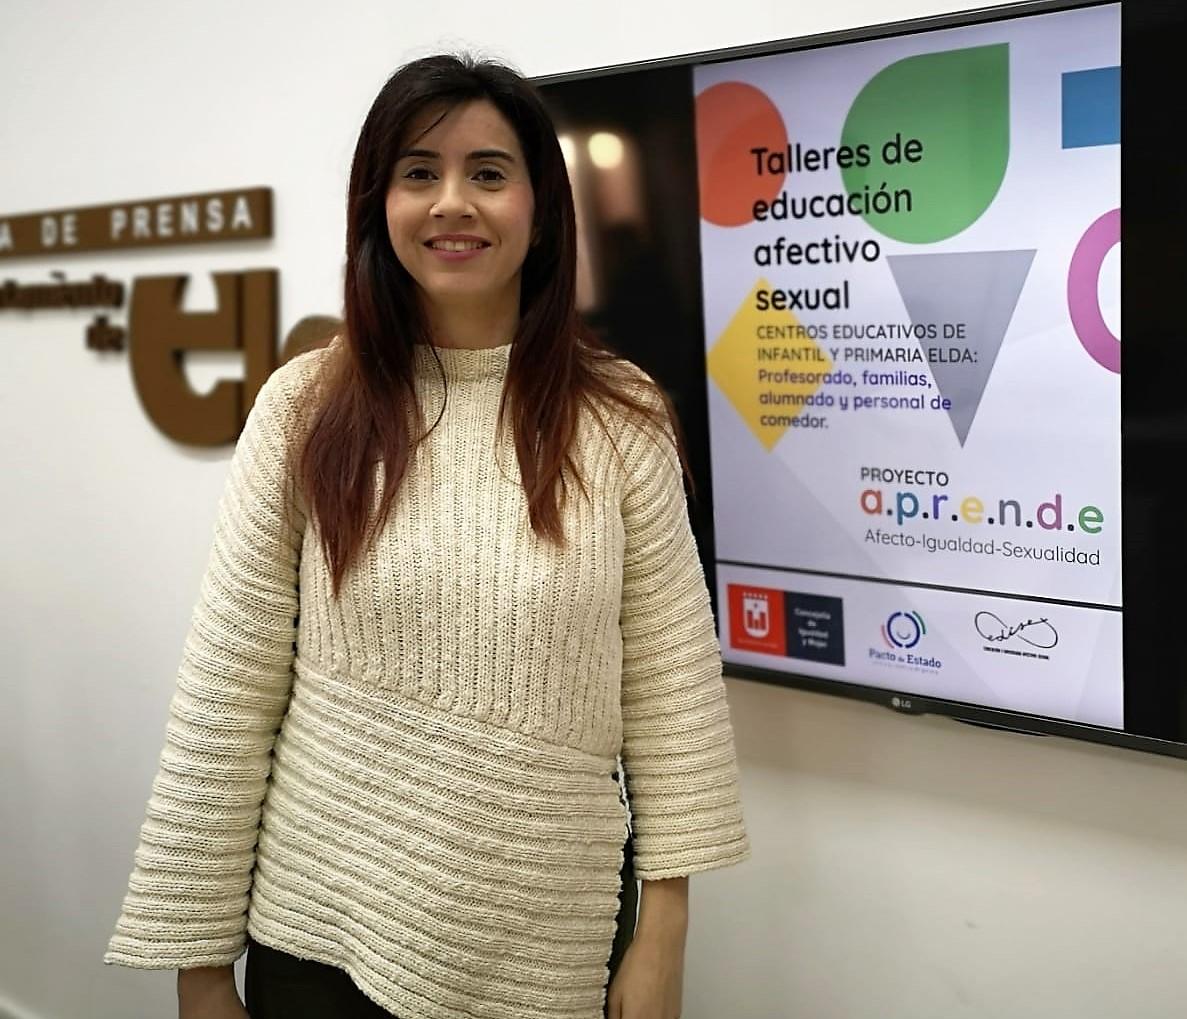 La Concejalía de Igualdad ofrece talleres de educación afectivo sexual para los centros educativos de Elda